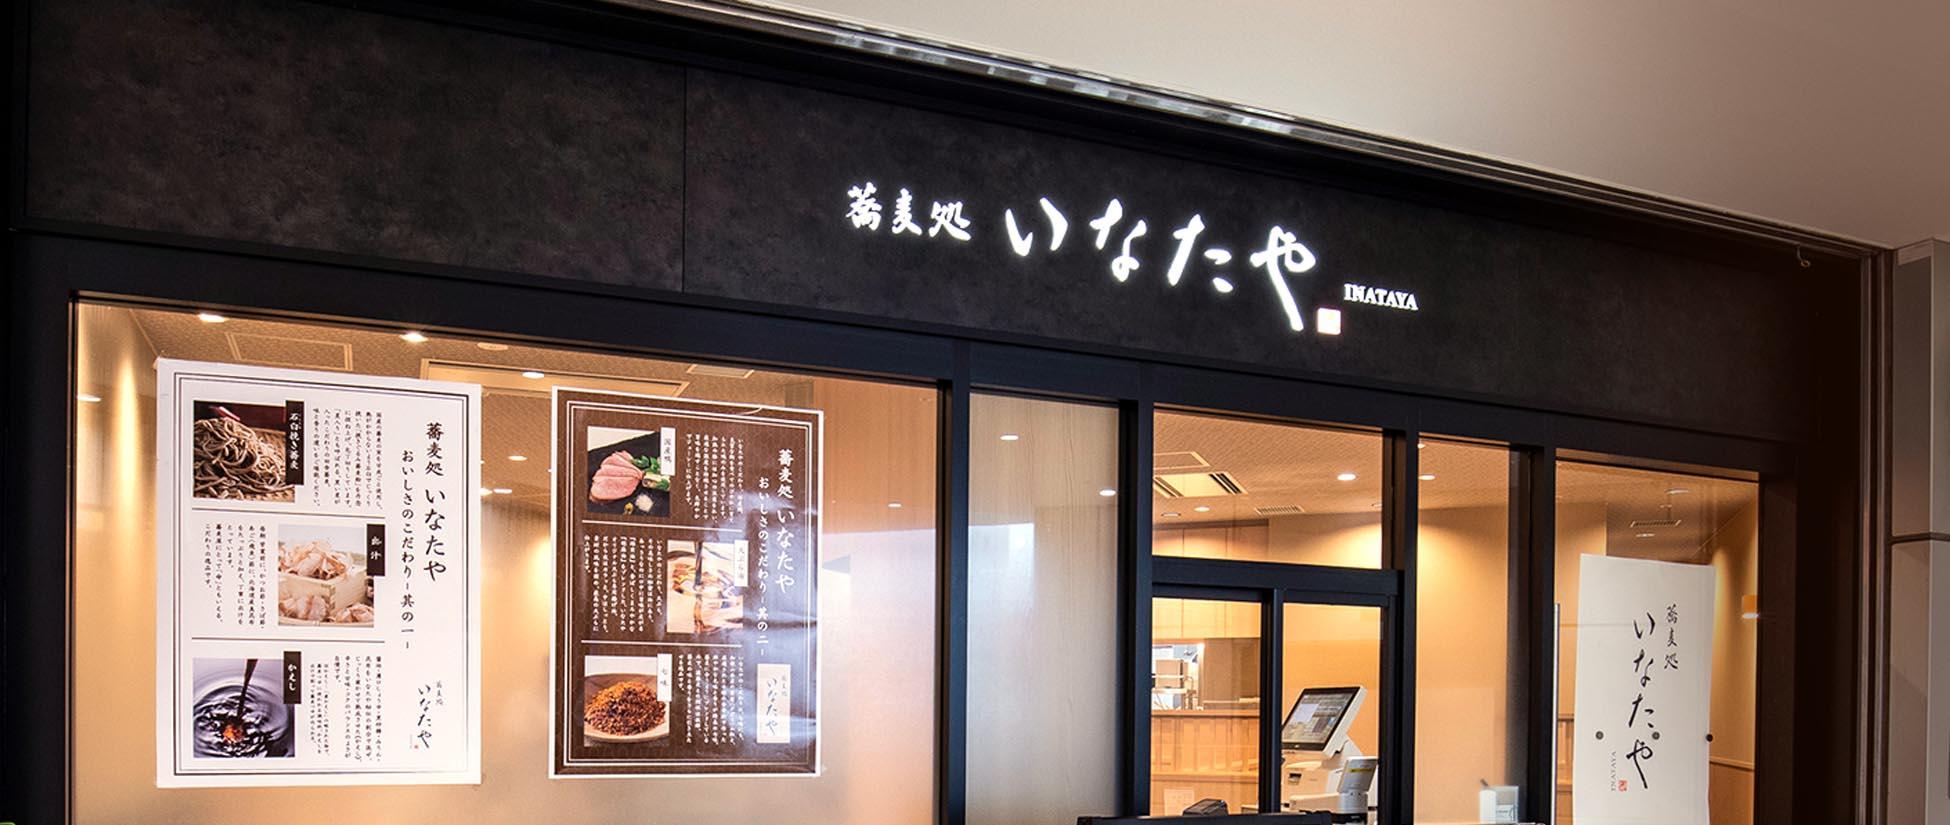 レストラン店舗メインビジュアル